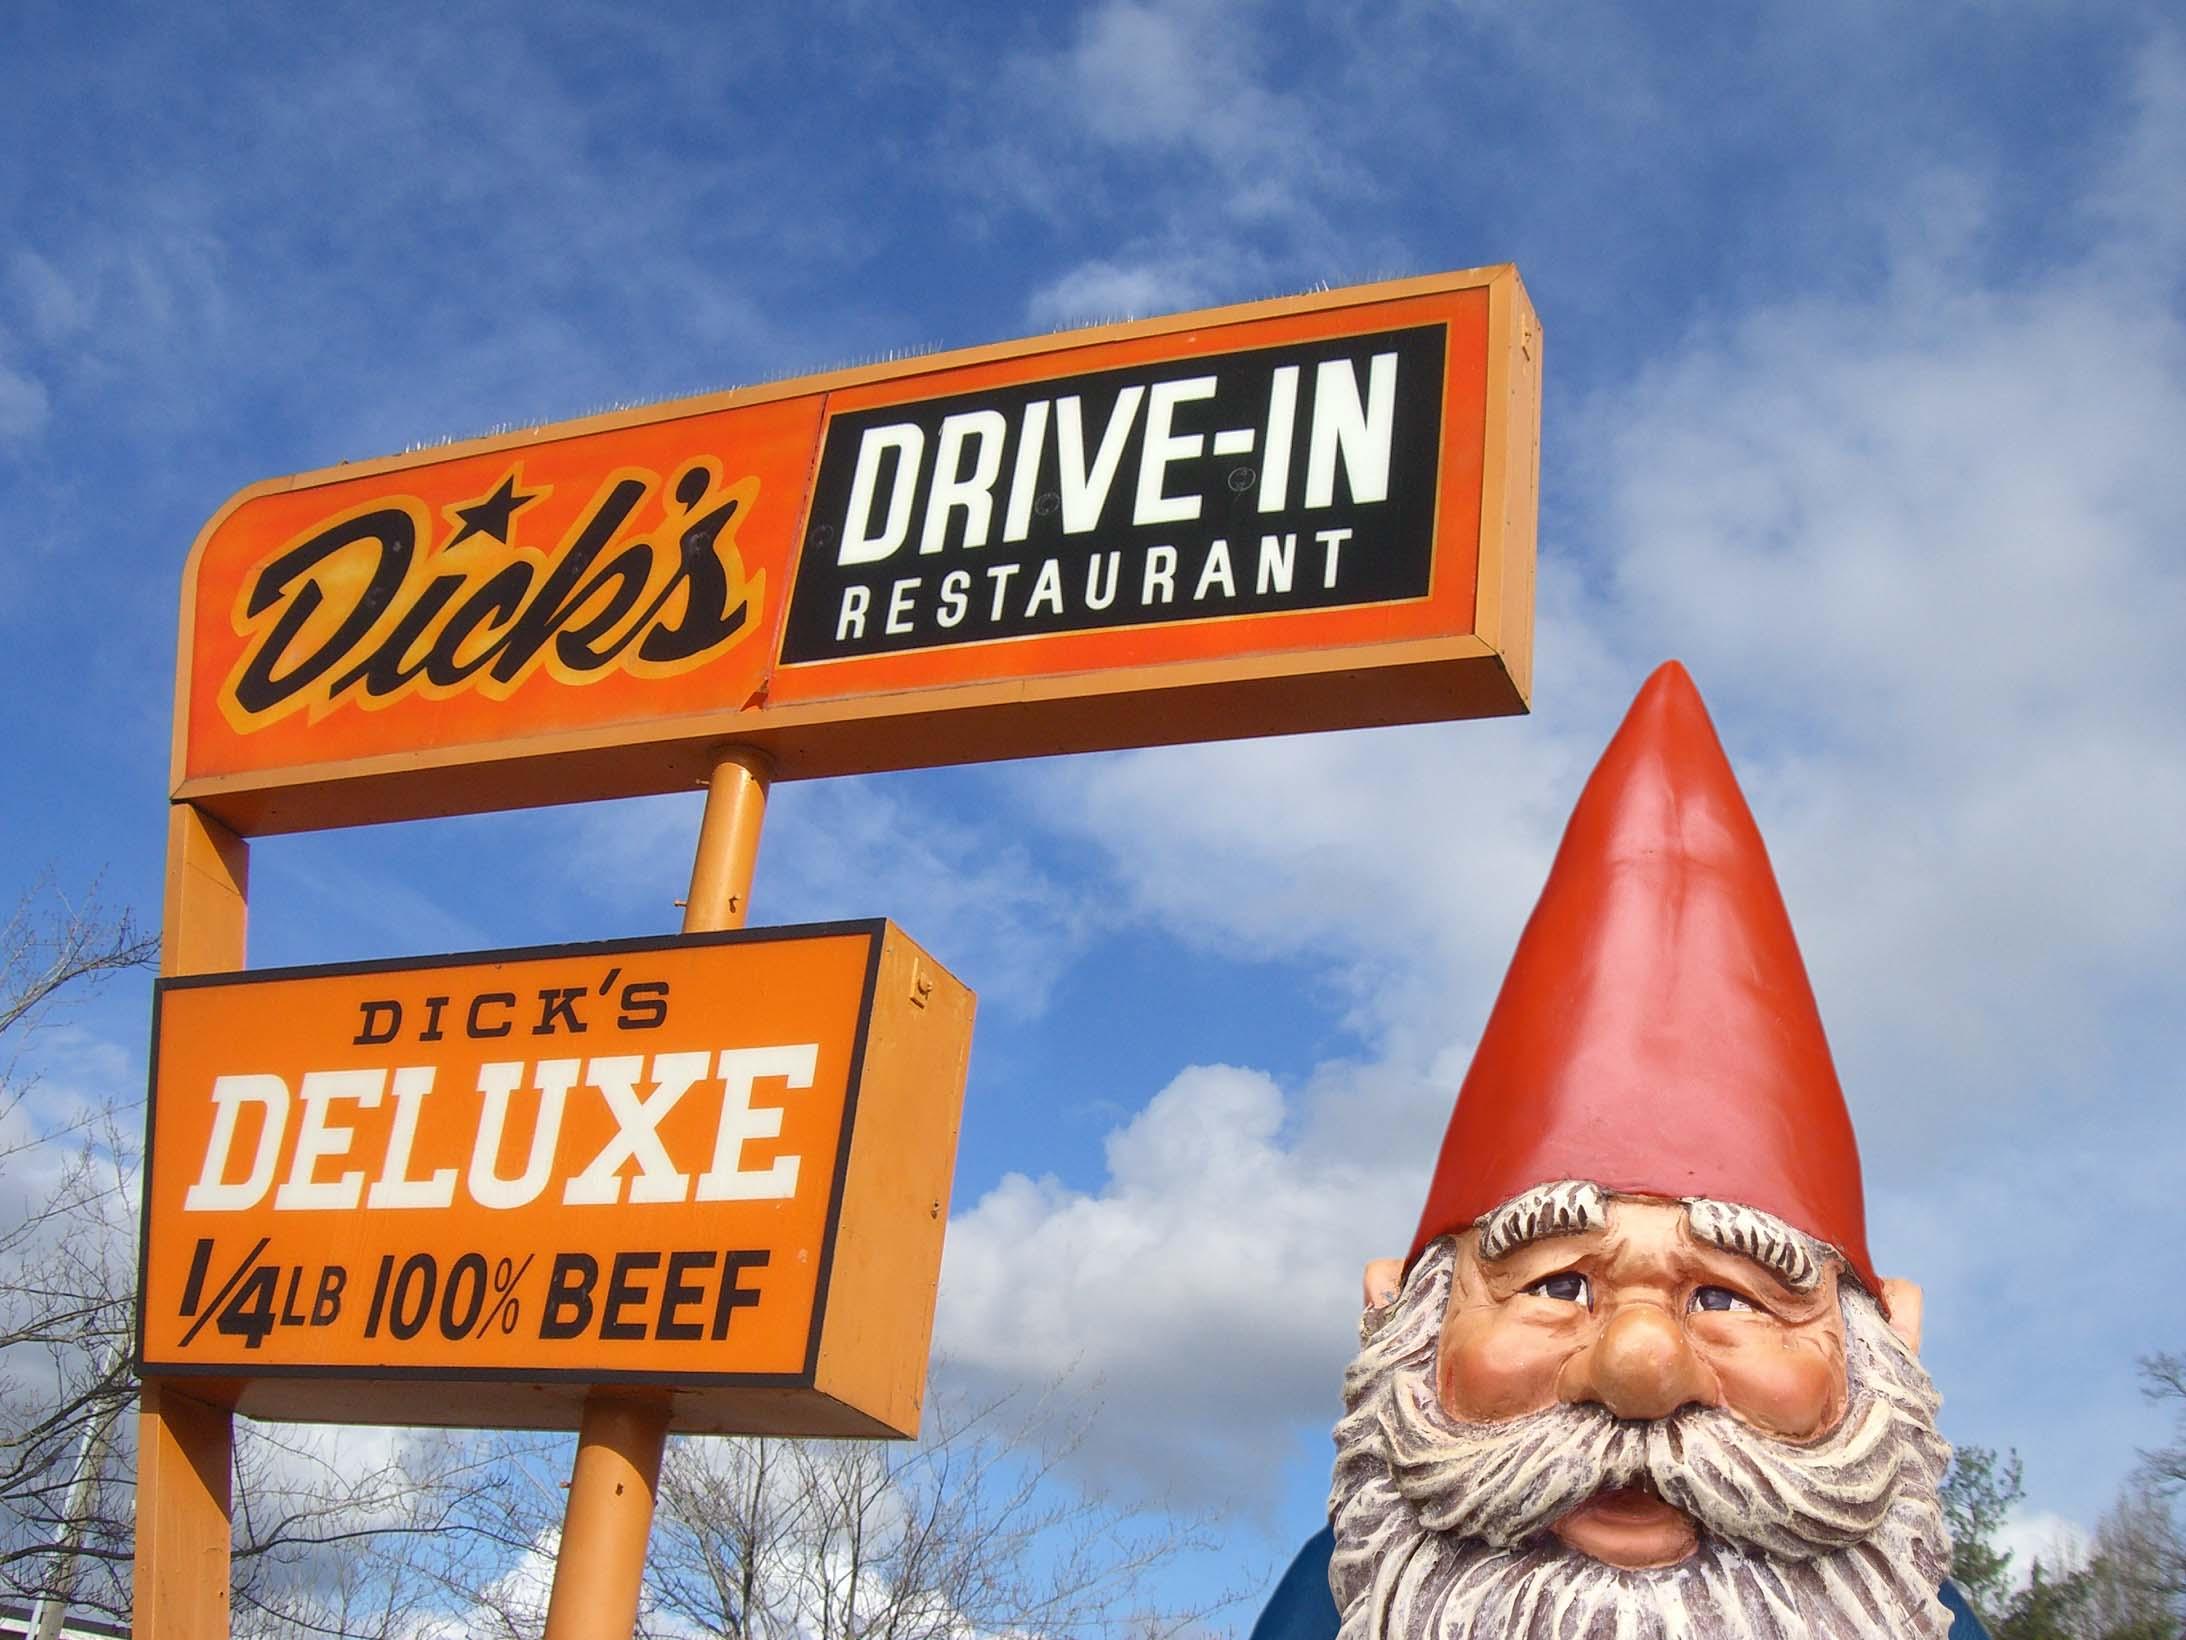 Dick's Drive In (DICK)